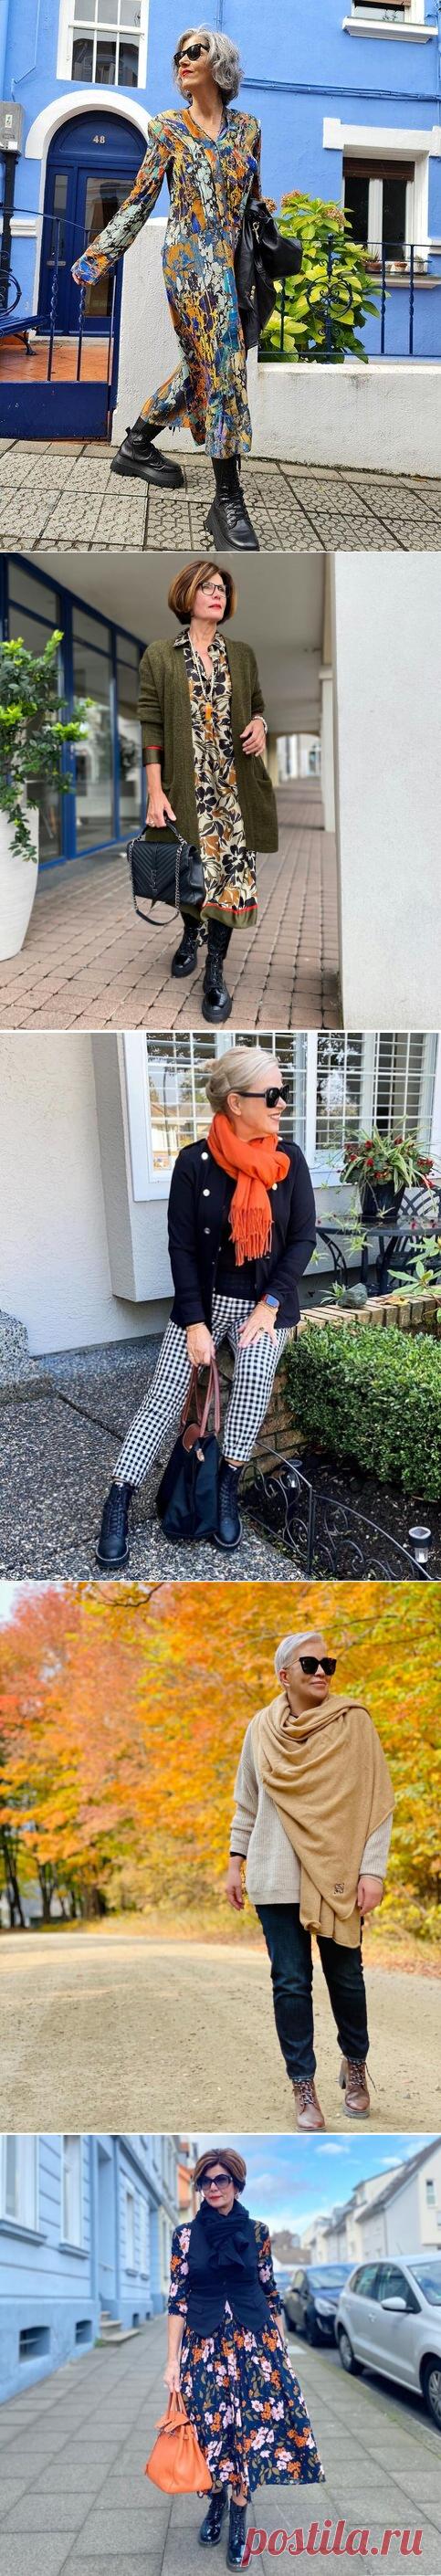 Грубые ботинки - модный тренд: с чем носить такие ботинки, чтобы выглядеть привлекательно | До и после 50-ти | Яндекс Дзен